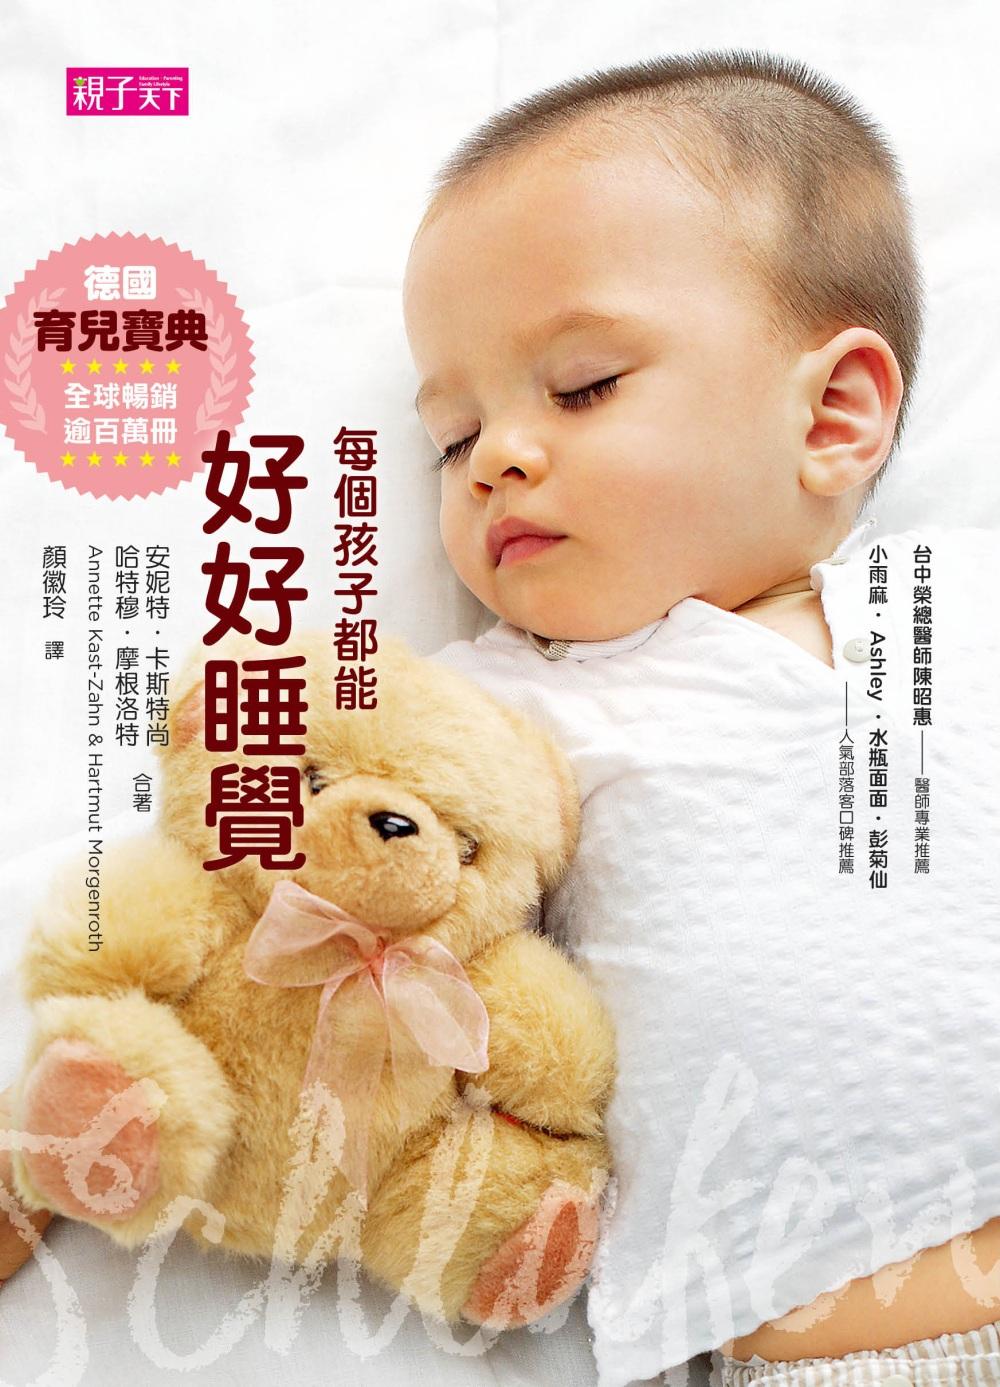 每個孩子都能好好睡覺(2015好評改版)